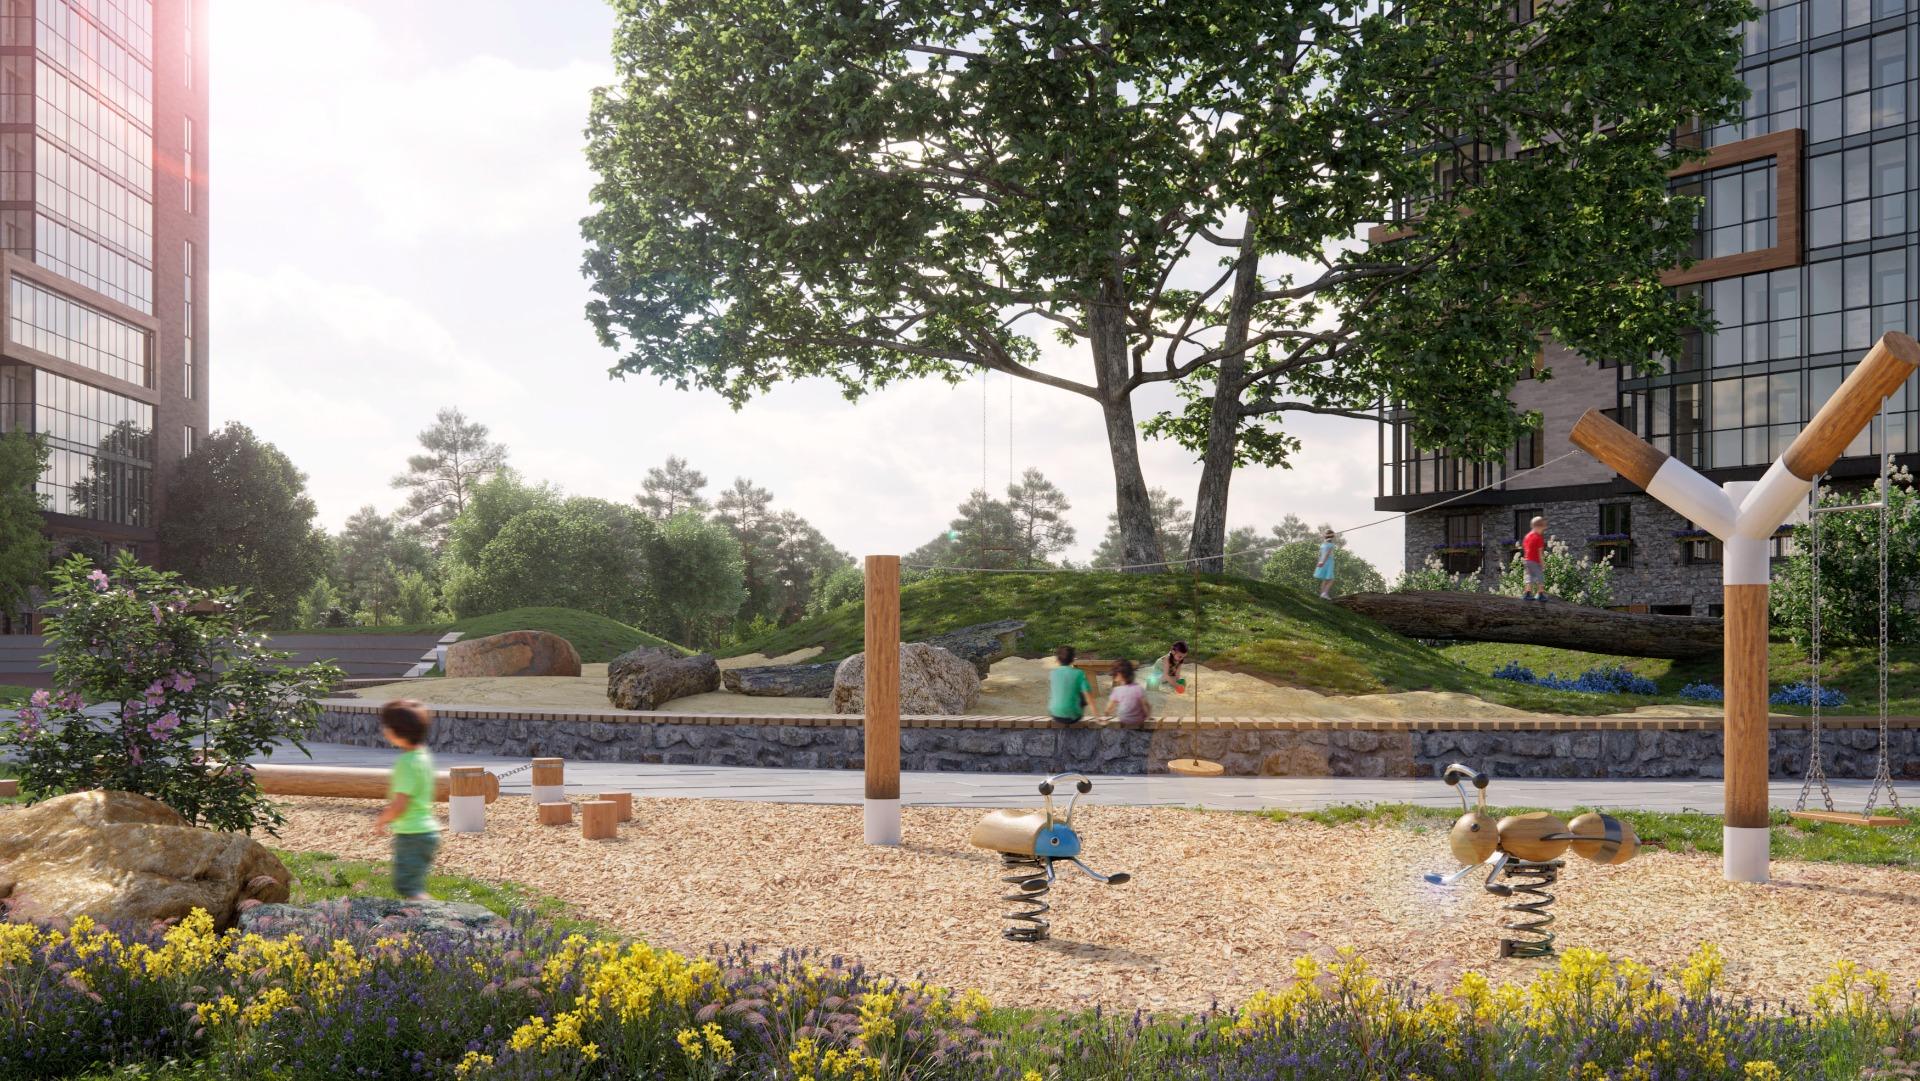 Для взрослых в SCANDIS есть мини-зоны отдыха, где можно полюбоваться арт-скульптурой, сложенной из камней, расположиться под деревом не только на скамейке, но и прямо на настоящей диковинной коряжине. В Scandis энергия жизни царит прямо у вас во дворе.